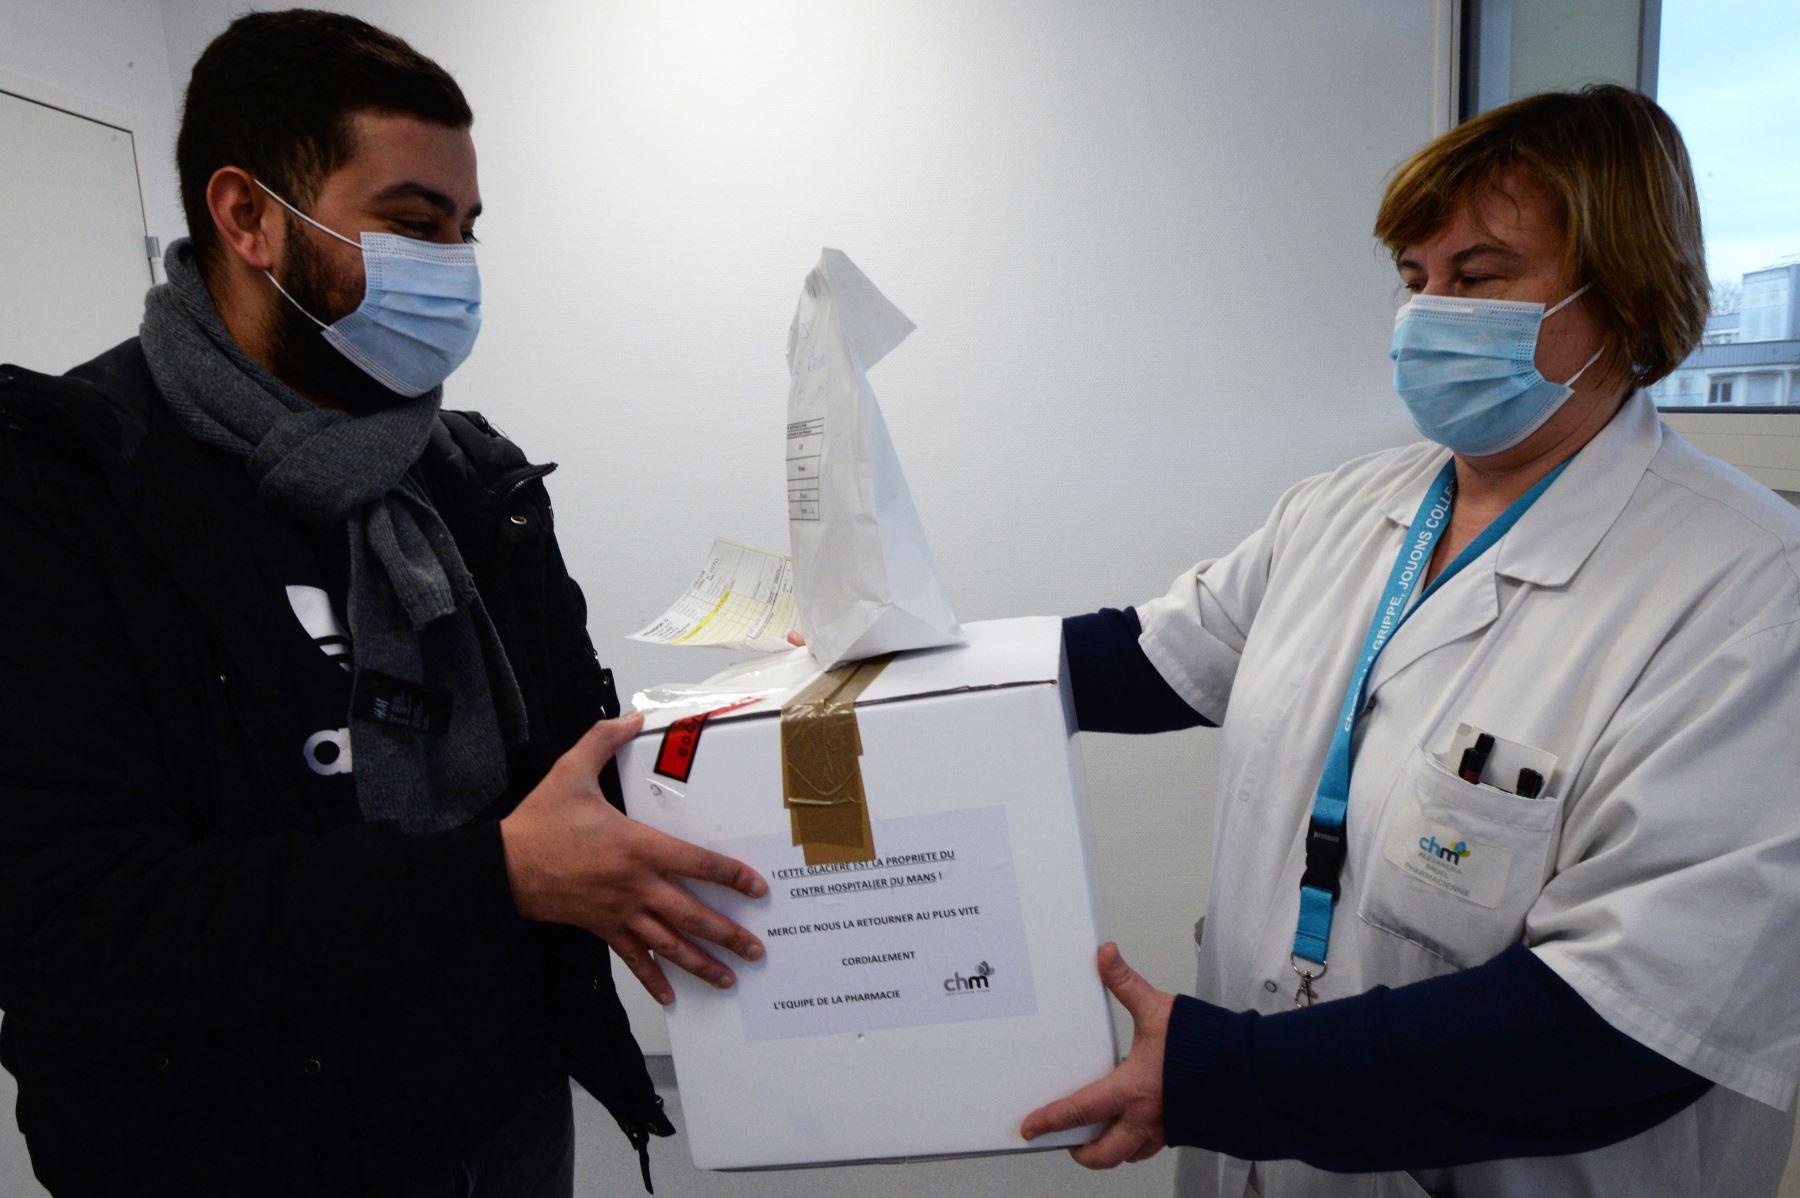 Un mensajero recoge una hielera que contiene kits para la vacuna Pfizer / BioNTech Covid-19, en la farmacia del Centro Hospitalario de Le Mans, en el oeste de Francia. Foto: AFP